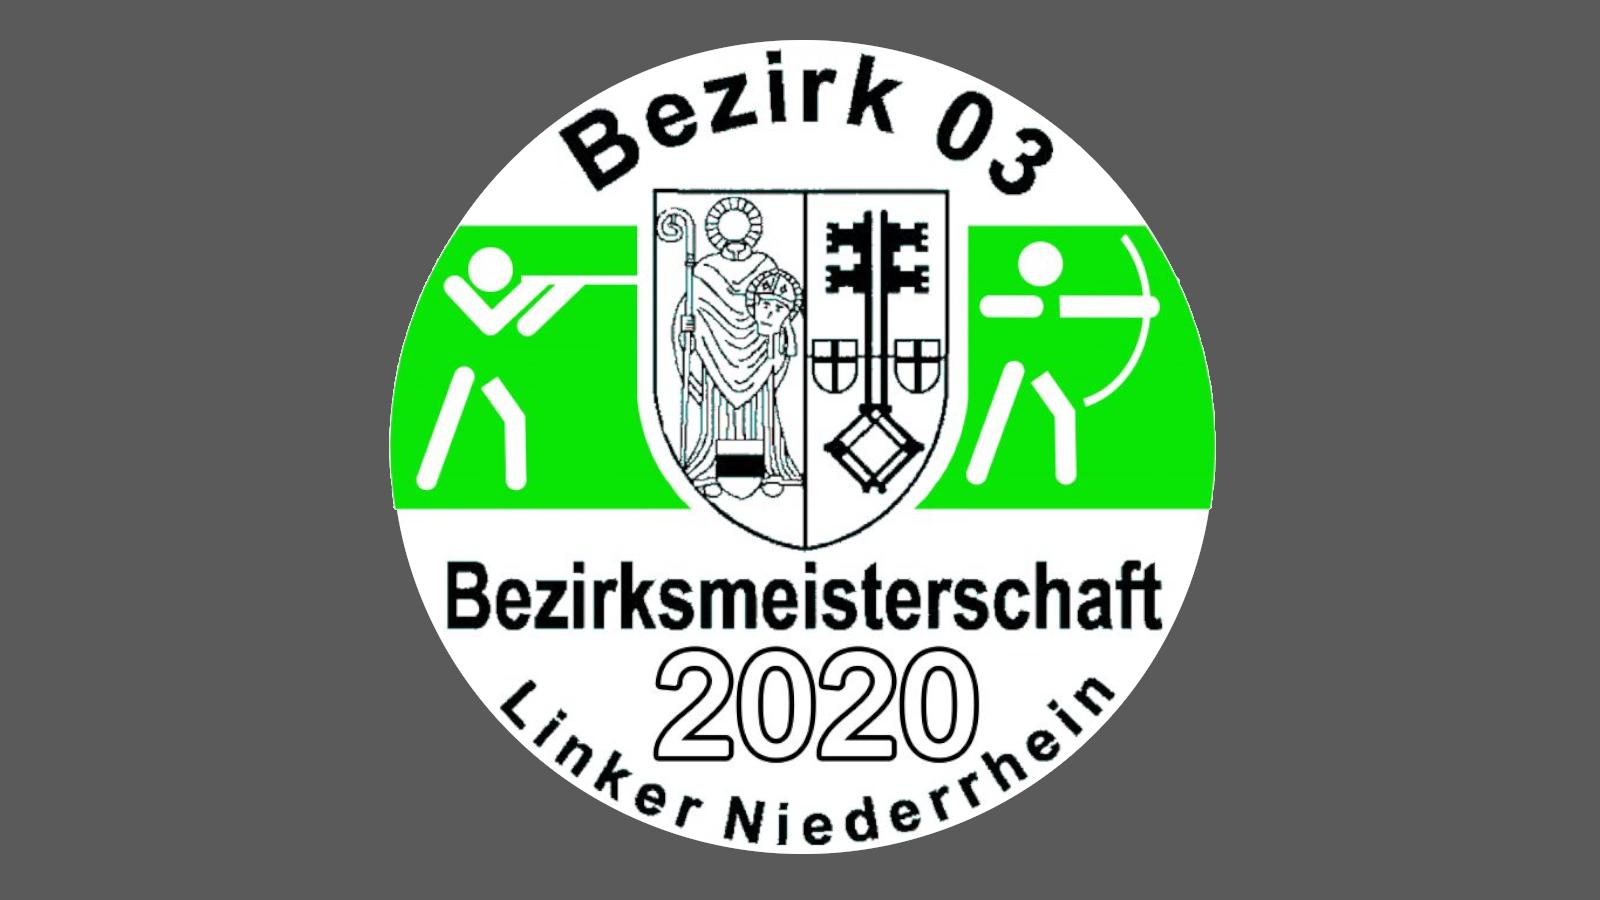 Bezirk 03 Linker Niederrhein